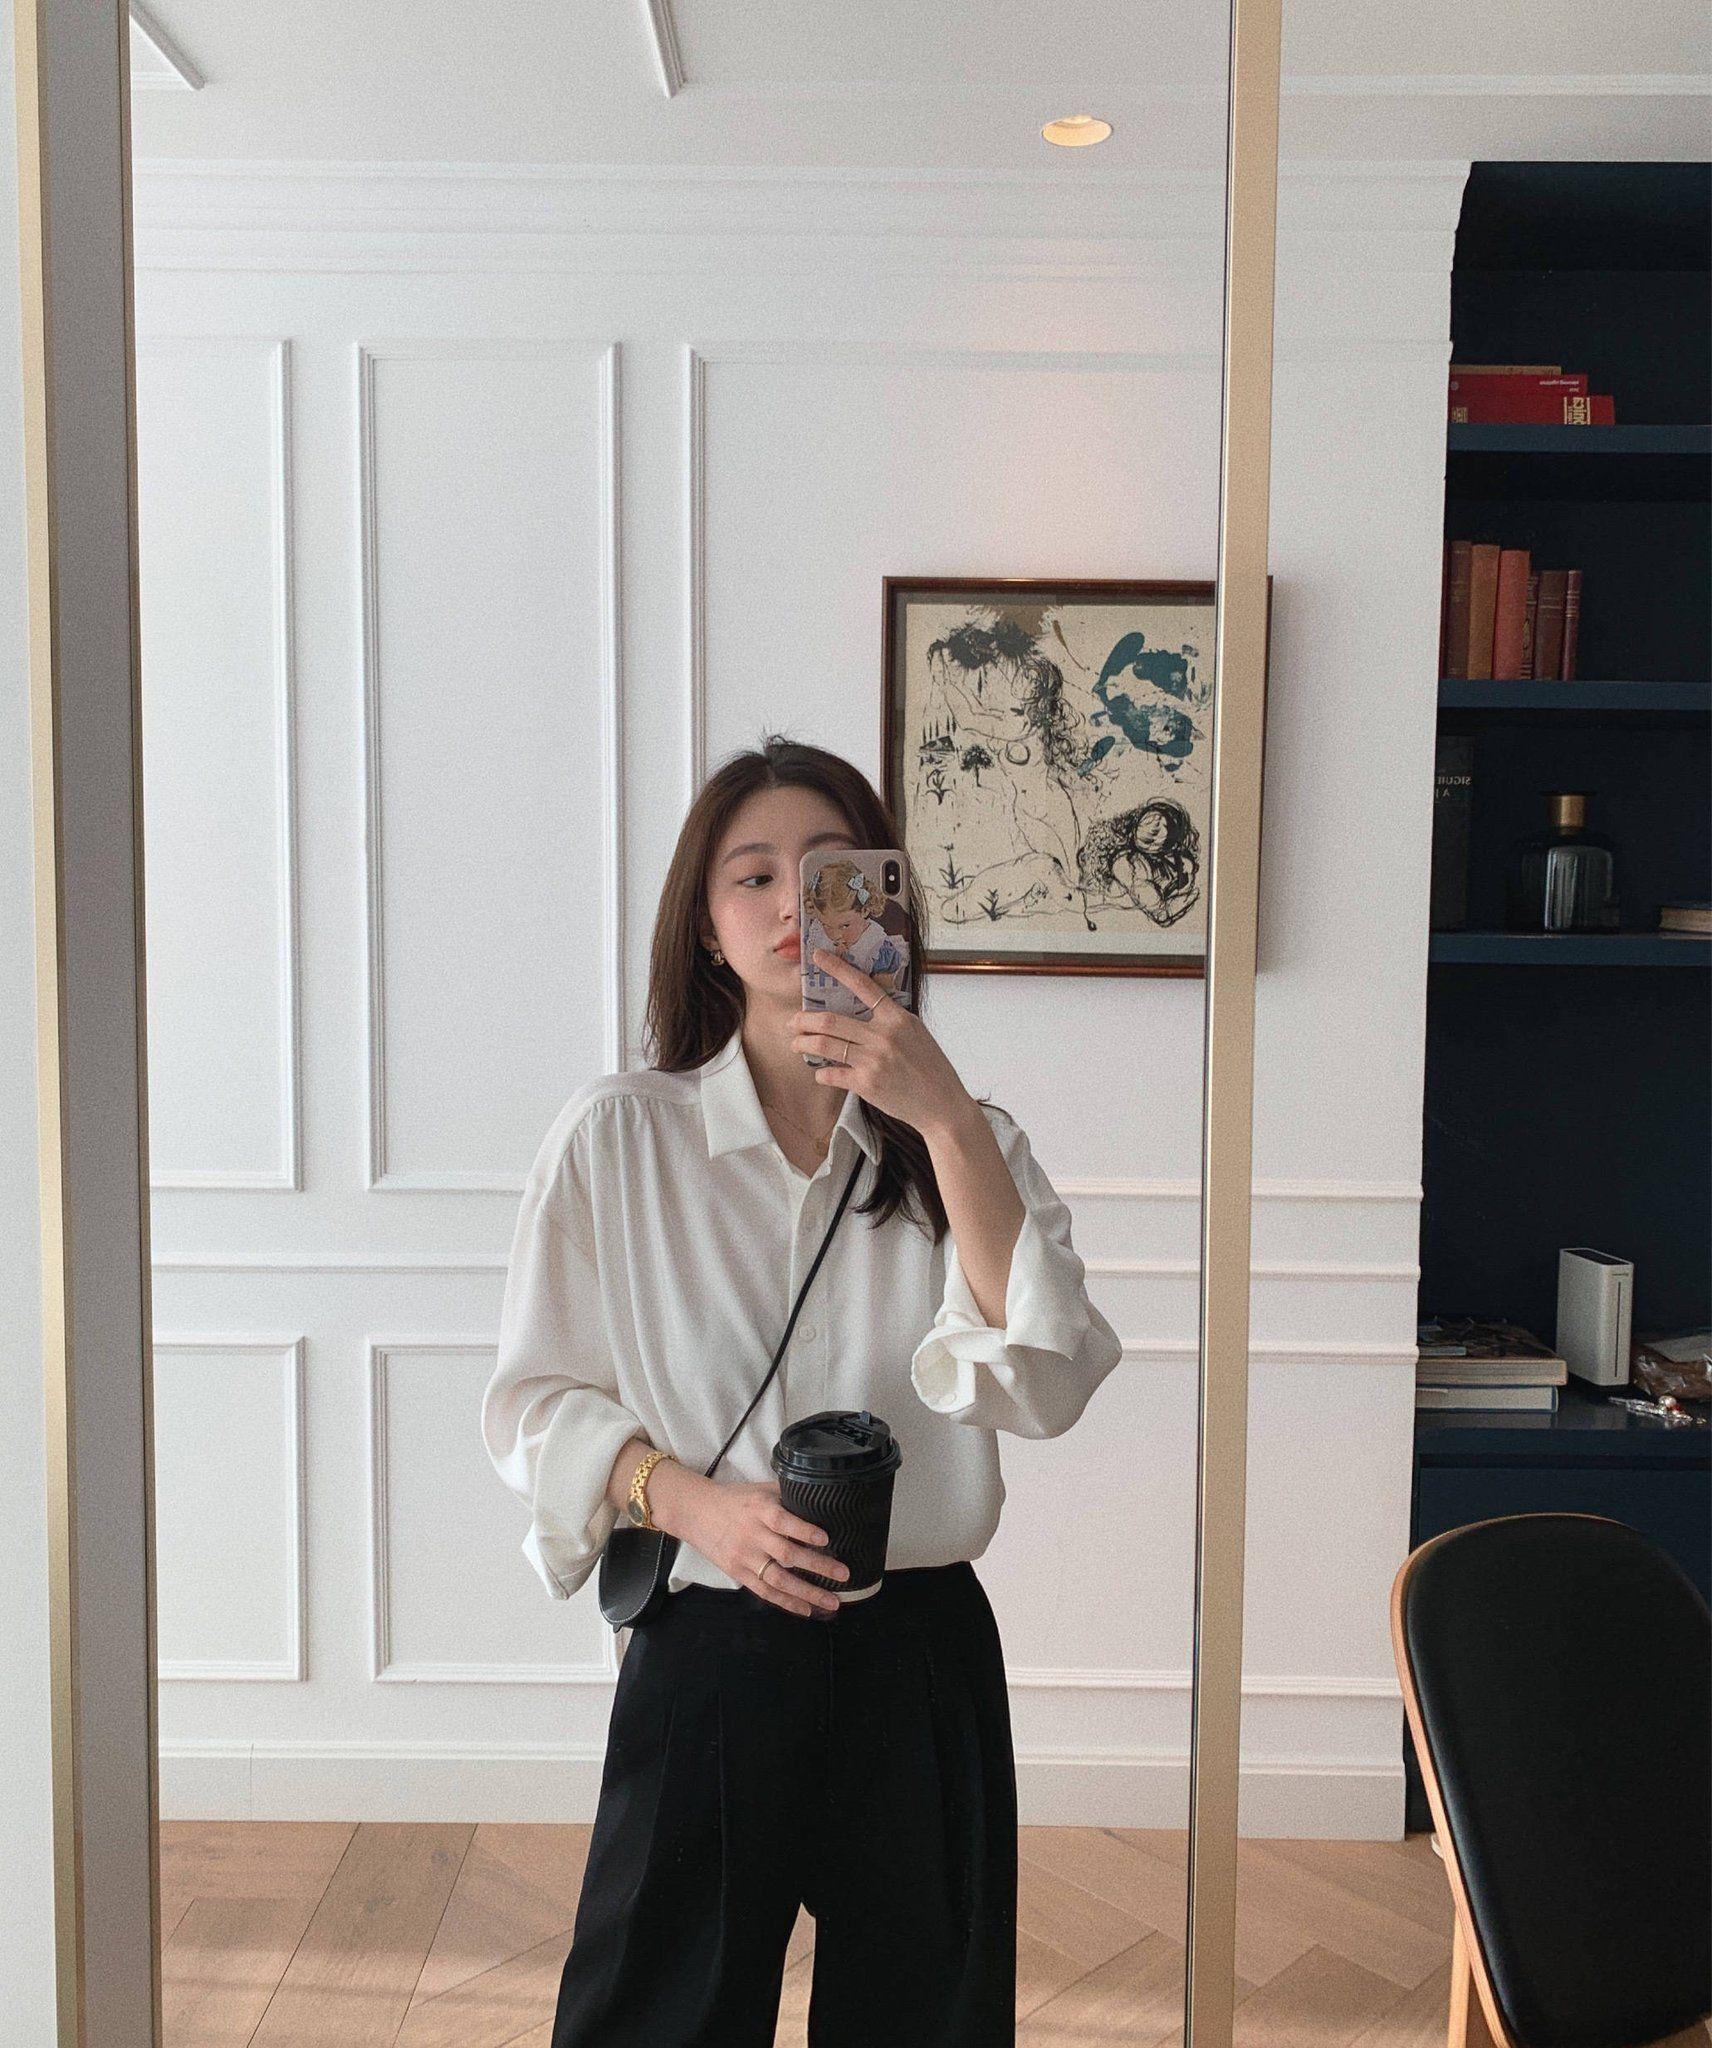 Sơ mi trắng – item kinh điển nhưng muốn mặc đẹp thì không phải nàng công sở nào cũng biết - Ảnh 2.